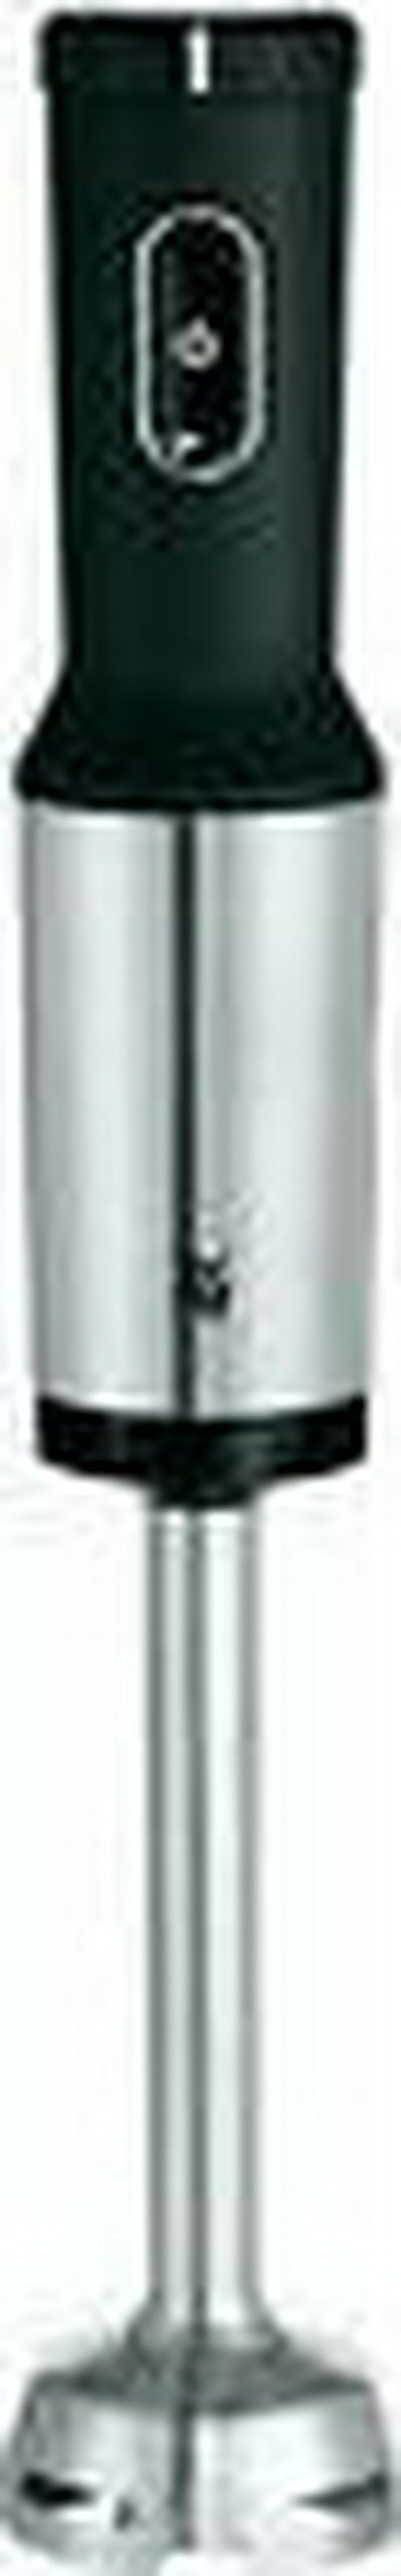 WMF KULT X Stabmixer  650 W